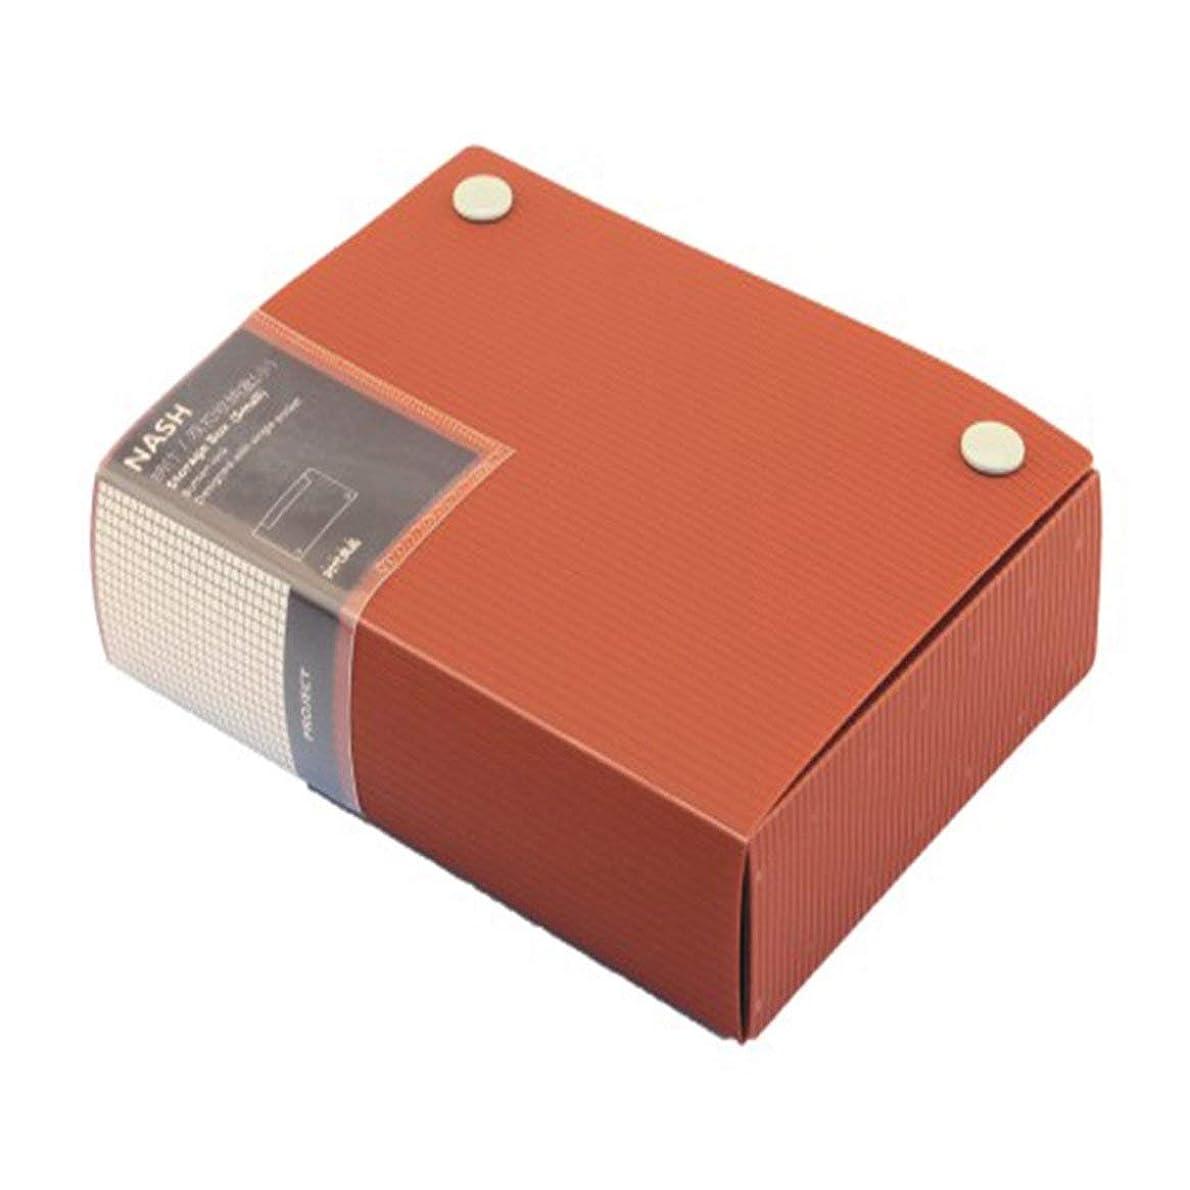 破滅的なリンス奪うスクールオフィスビルダブルバックルポータブルペーパーファイルバッグドキュメントボックスSD-N320